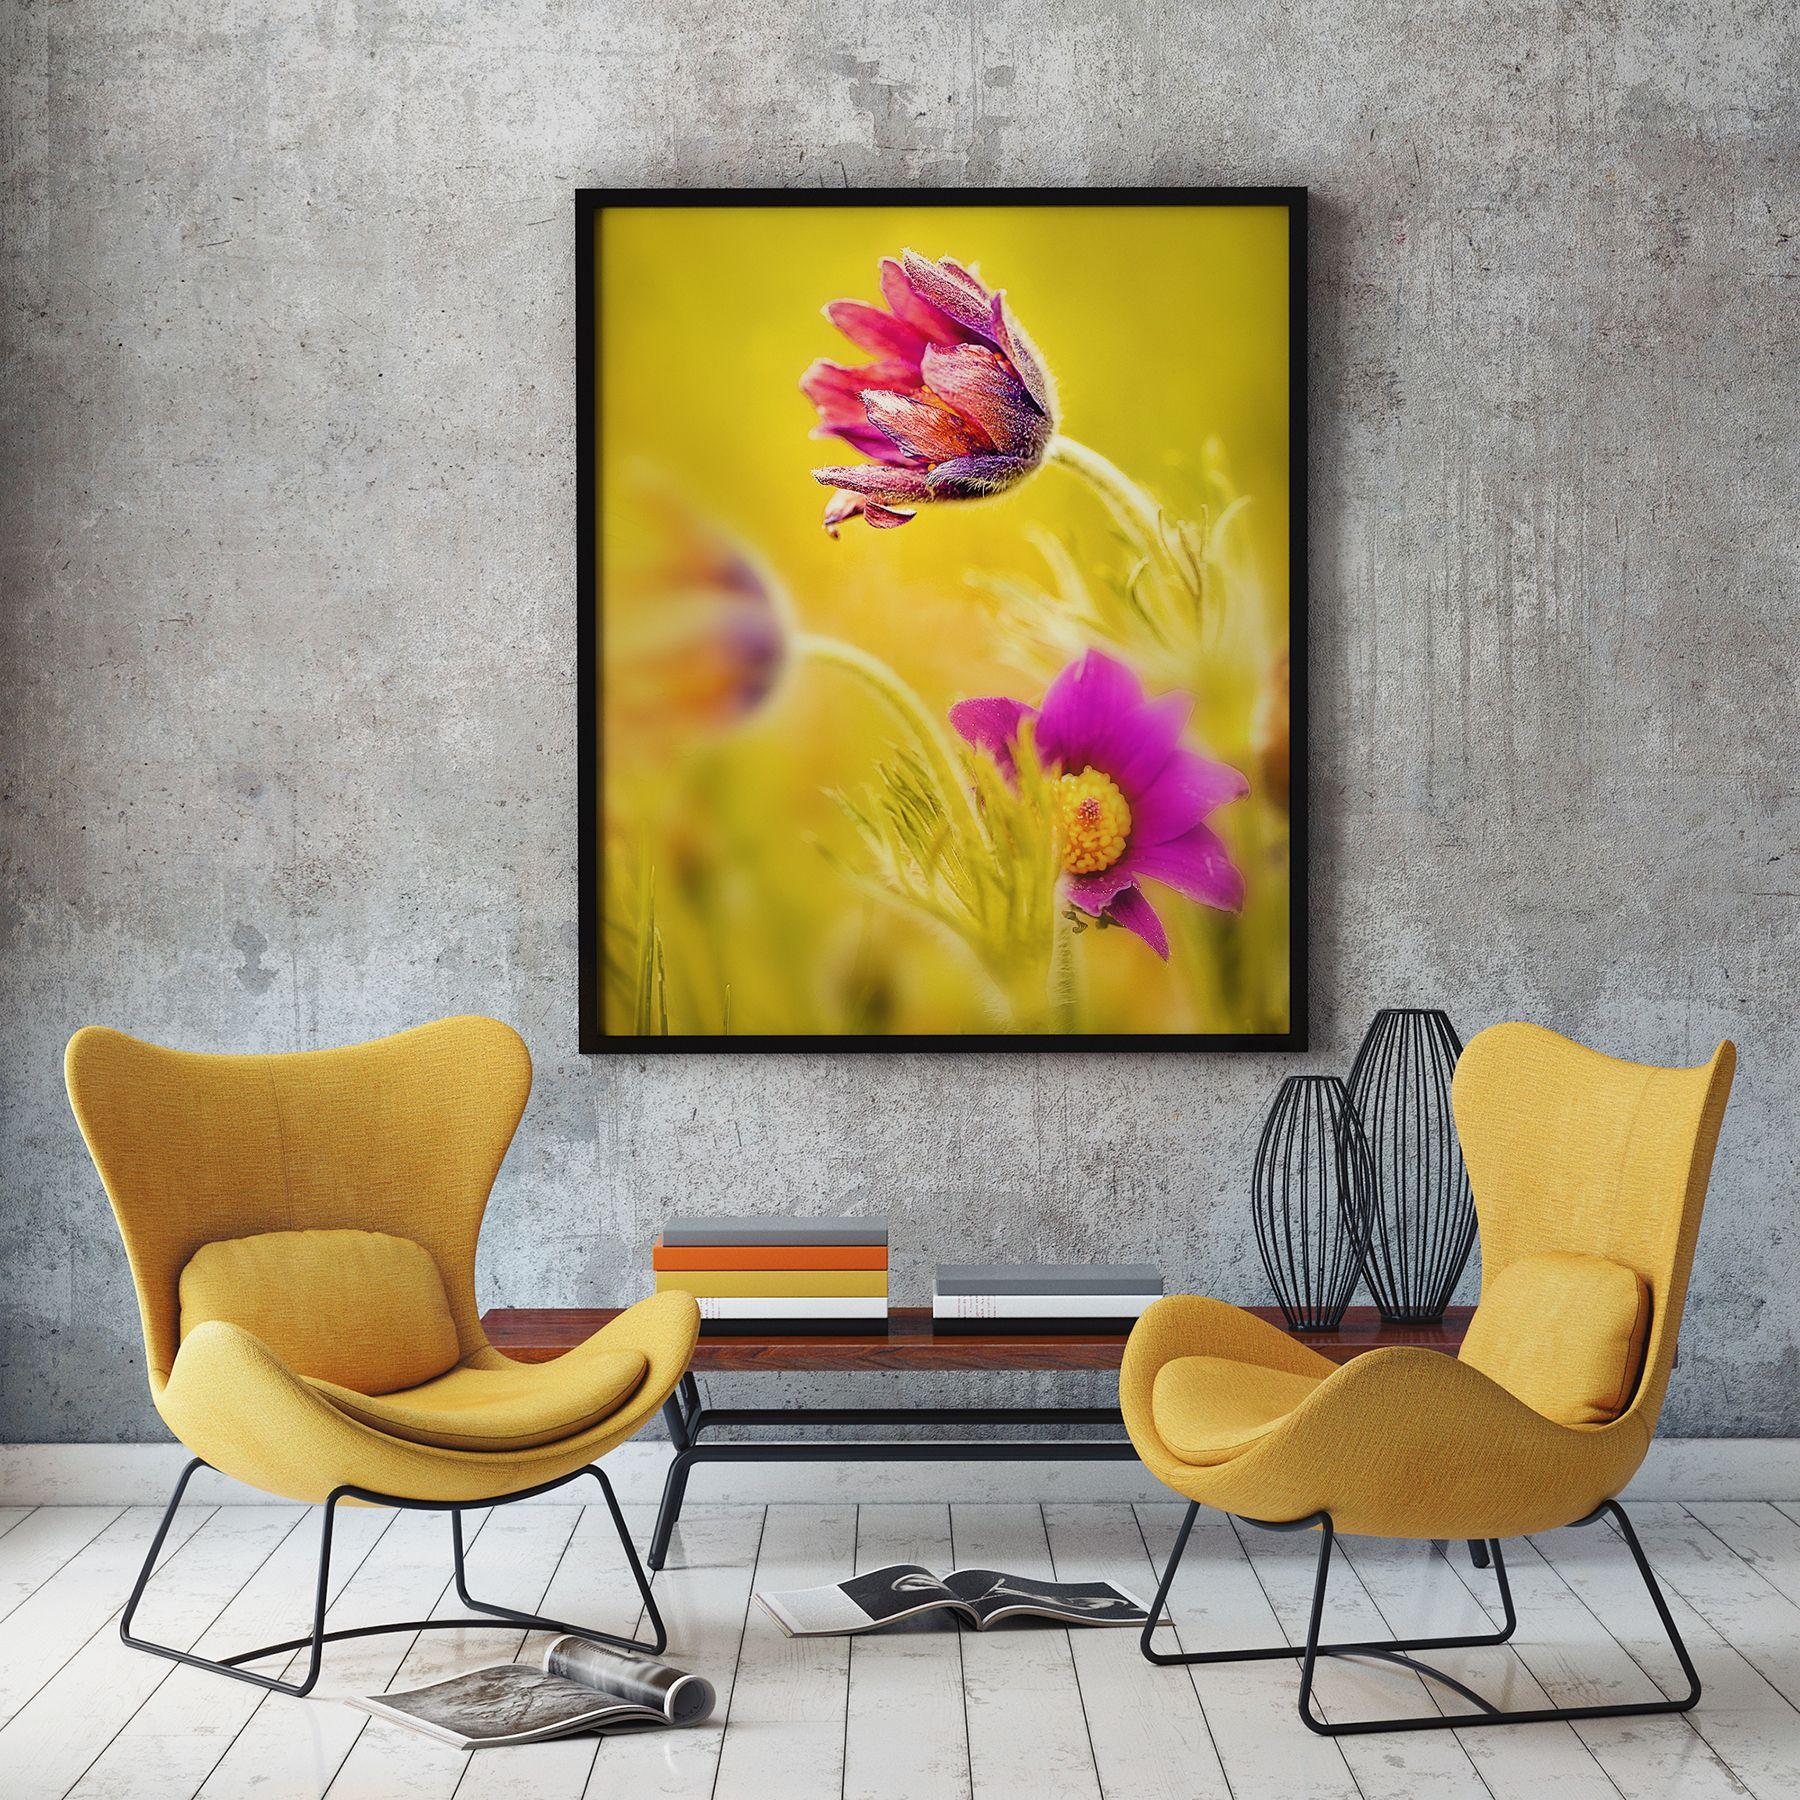 Unique Framed Artwork for Living Room